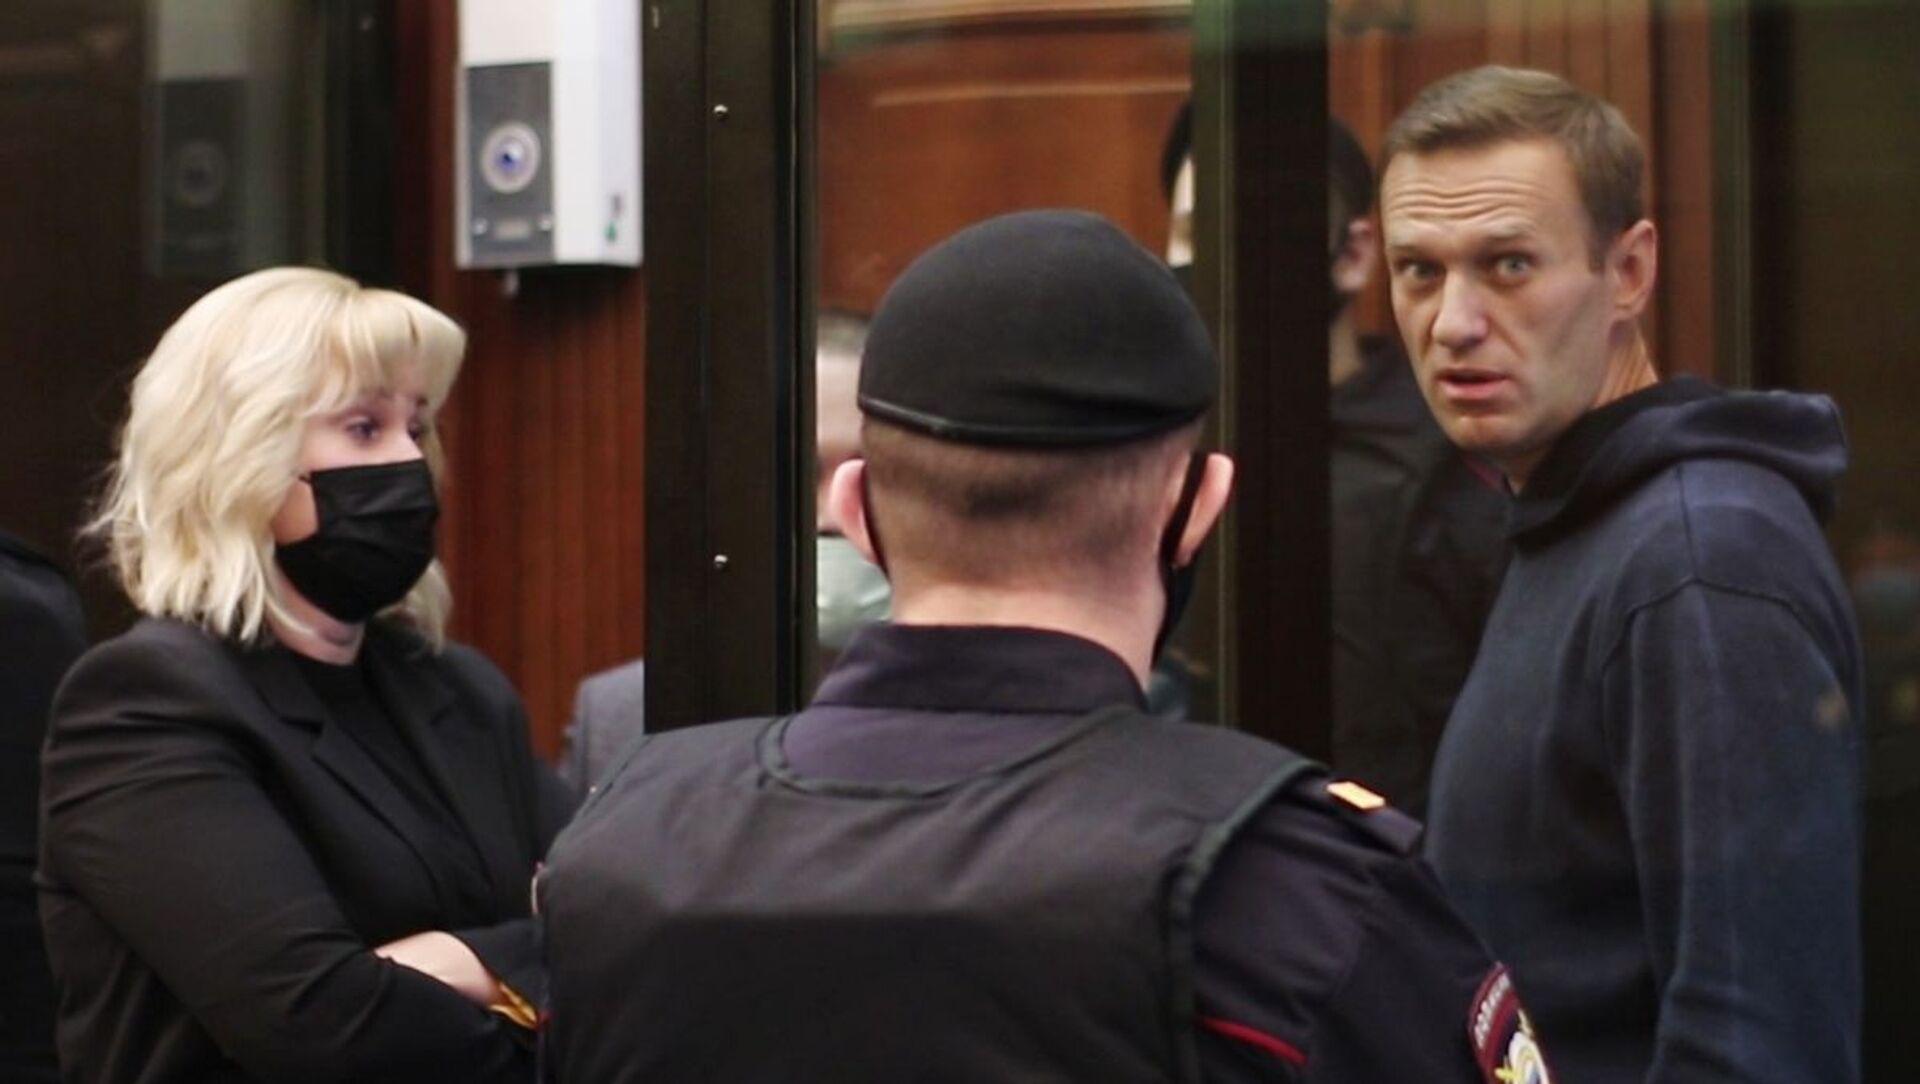 Руски опозиционар Алексеј Наваљни на суду у Москви - Sputnik Србија, 1920, 05.02.2021